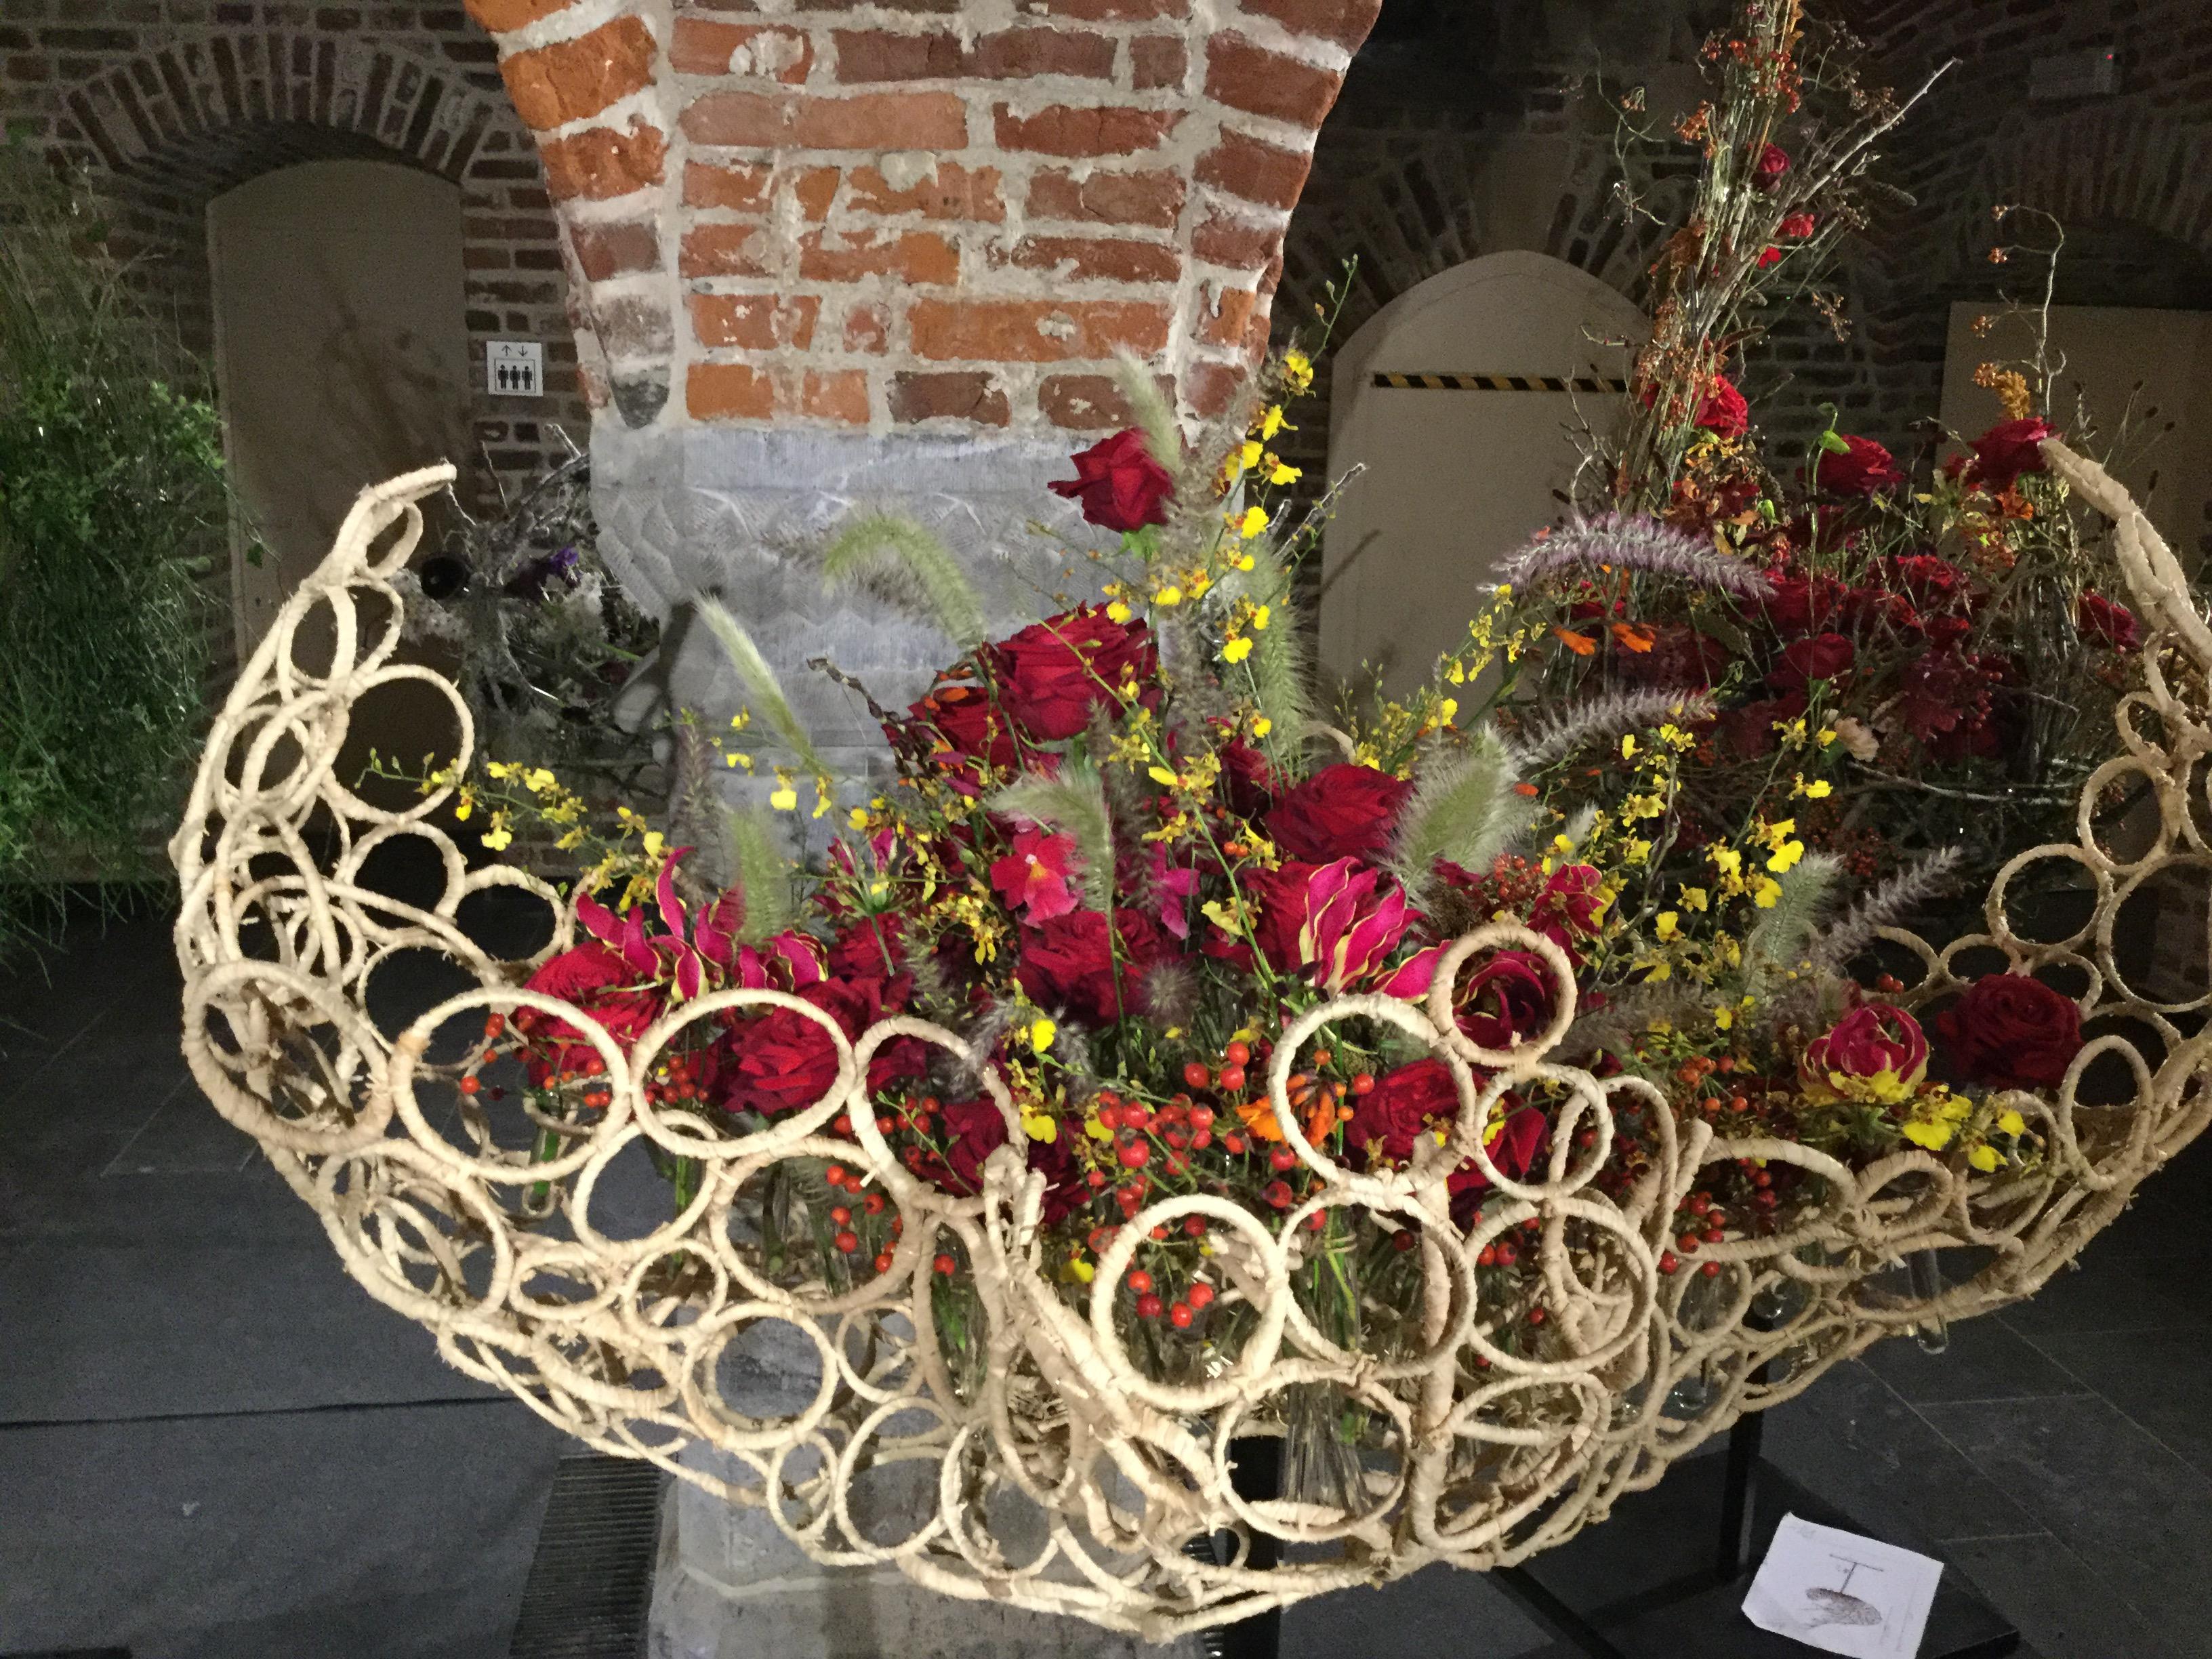 porta nova red naomi fleuramour 2017 angelica lacarbonara